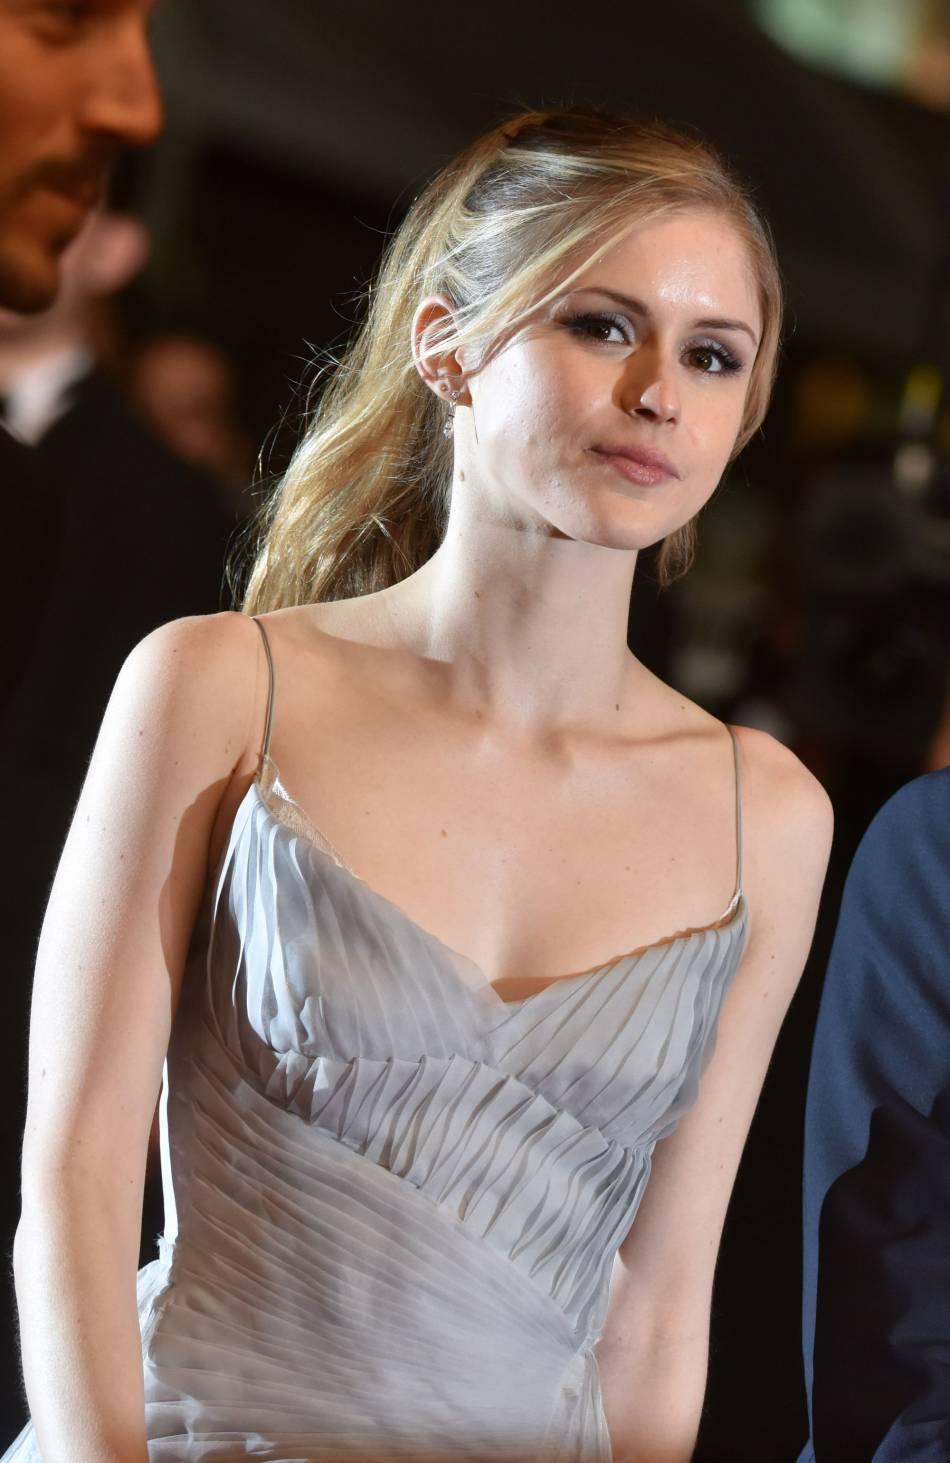 La sublime actrice Erin Moriarty s'apprête à monter les marches dans une féérique robe grise.